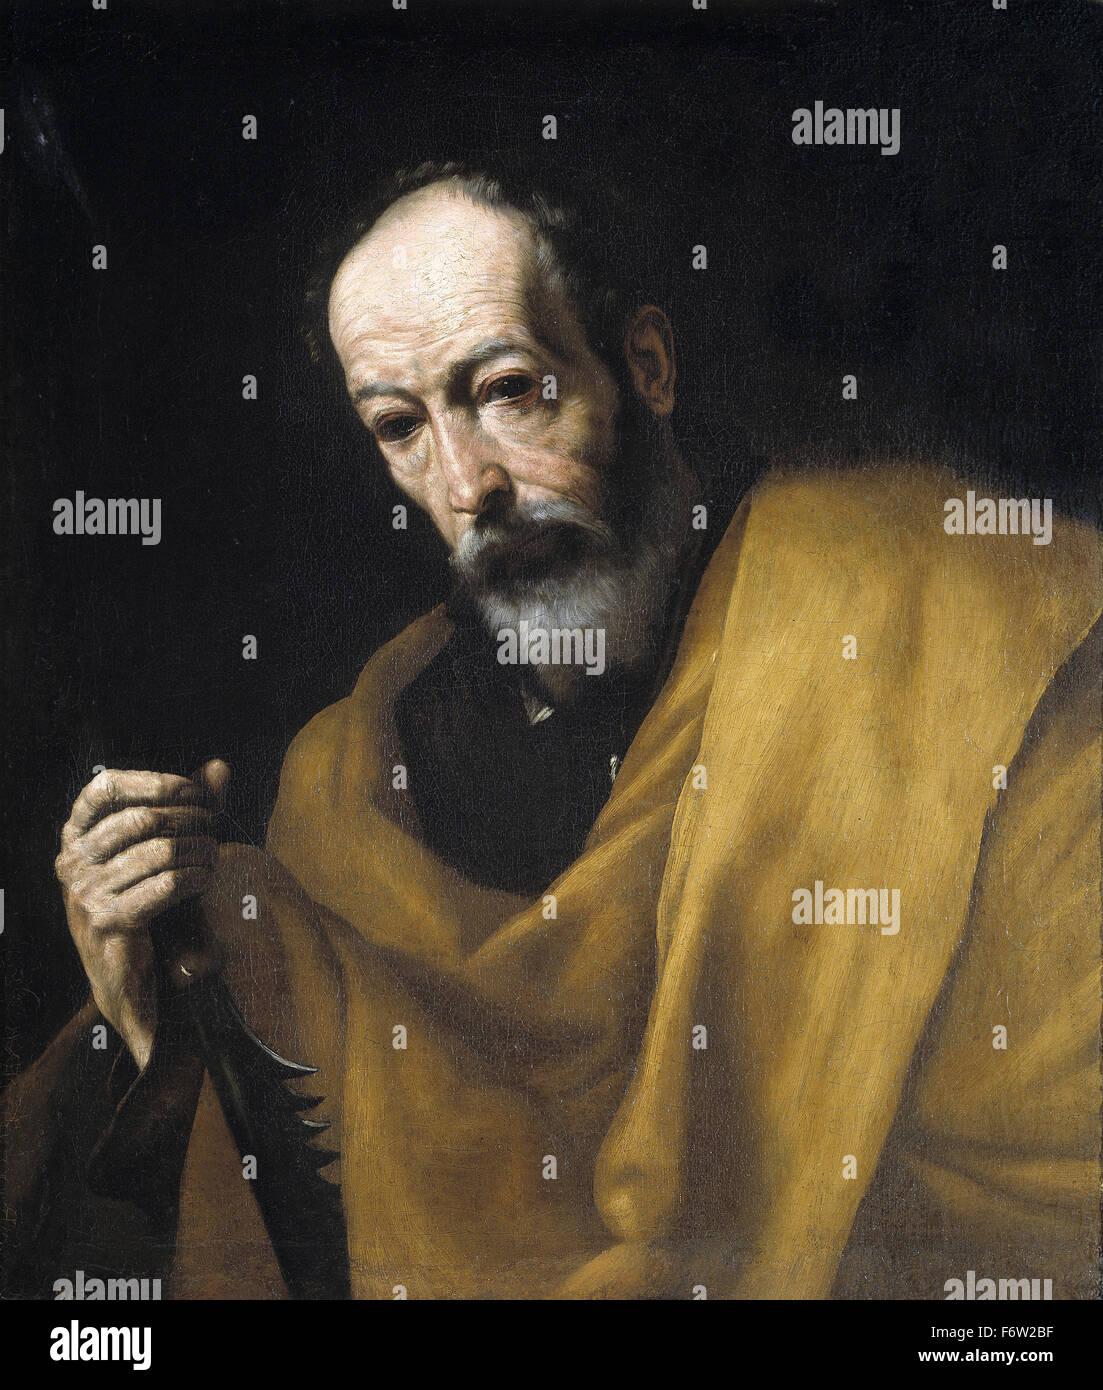 Jusepe de Ribera - Saint Simon - Stock Image